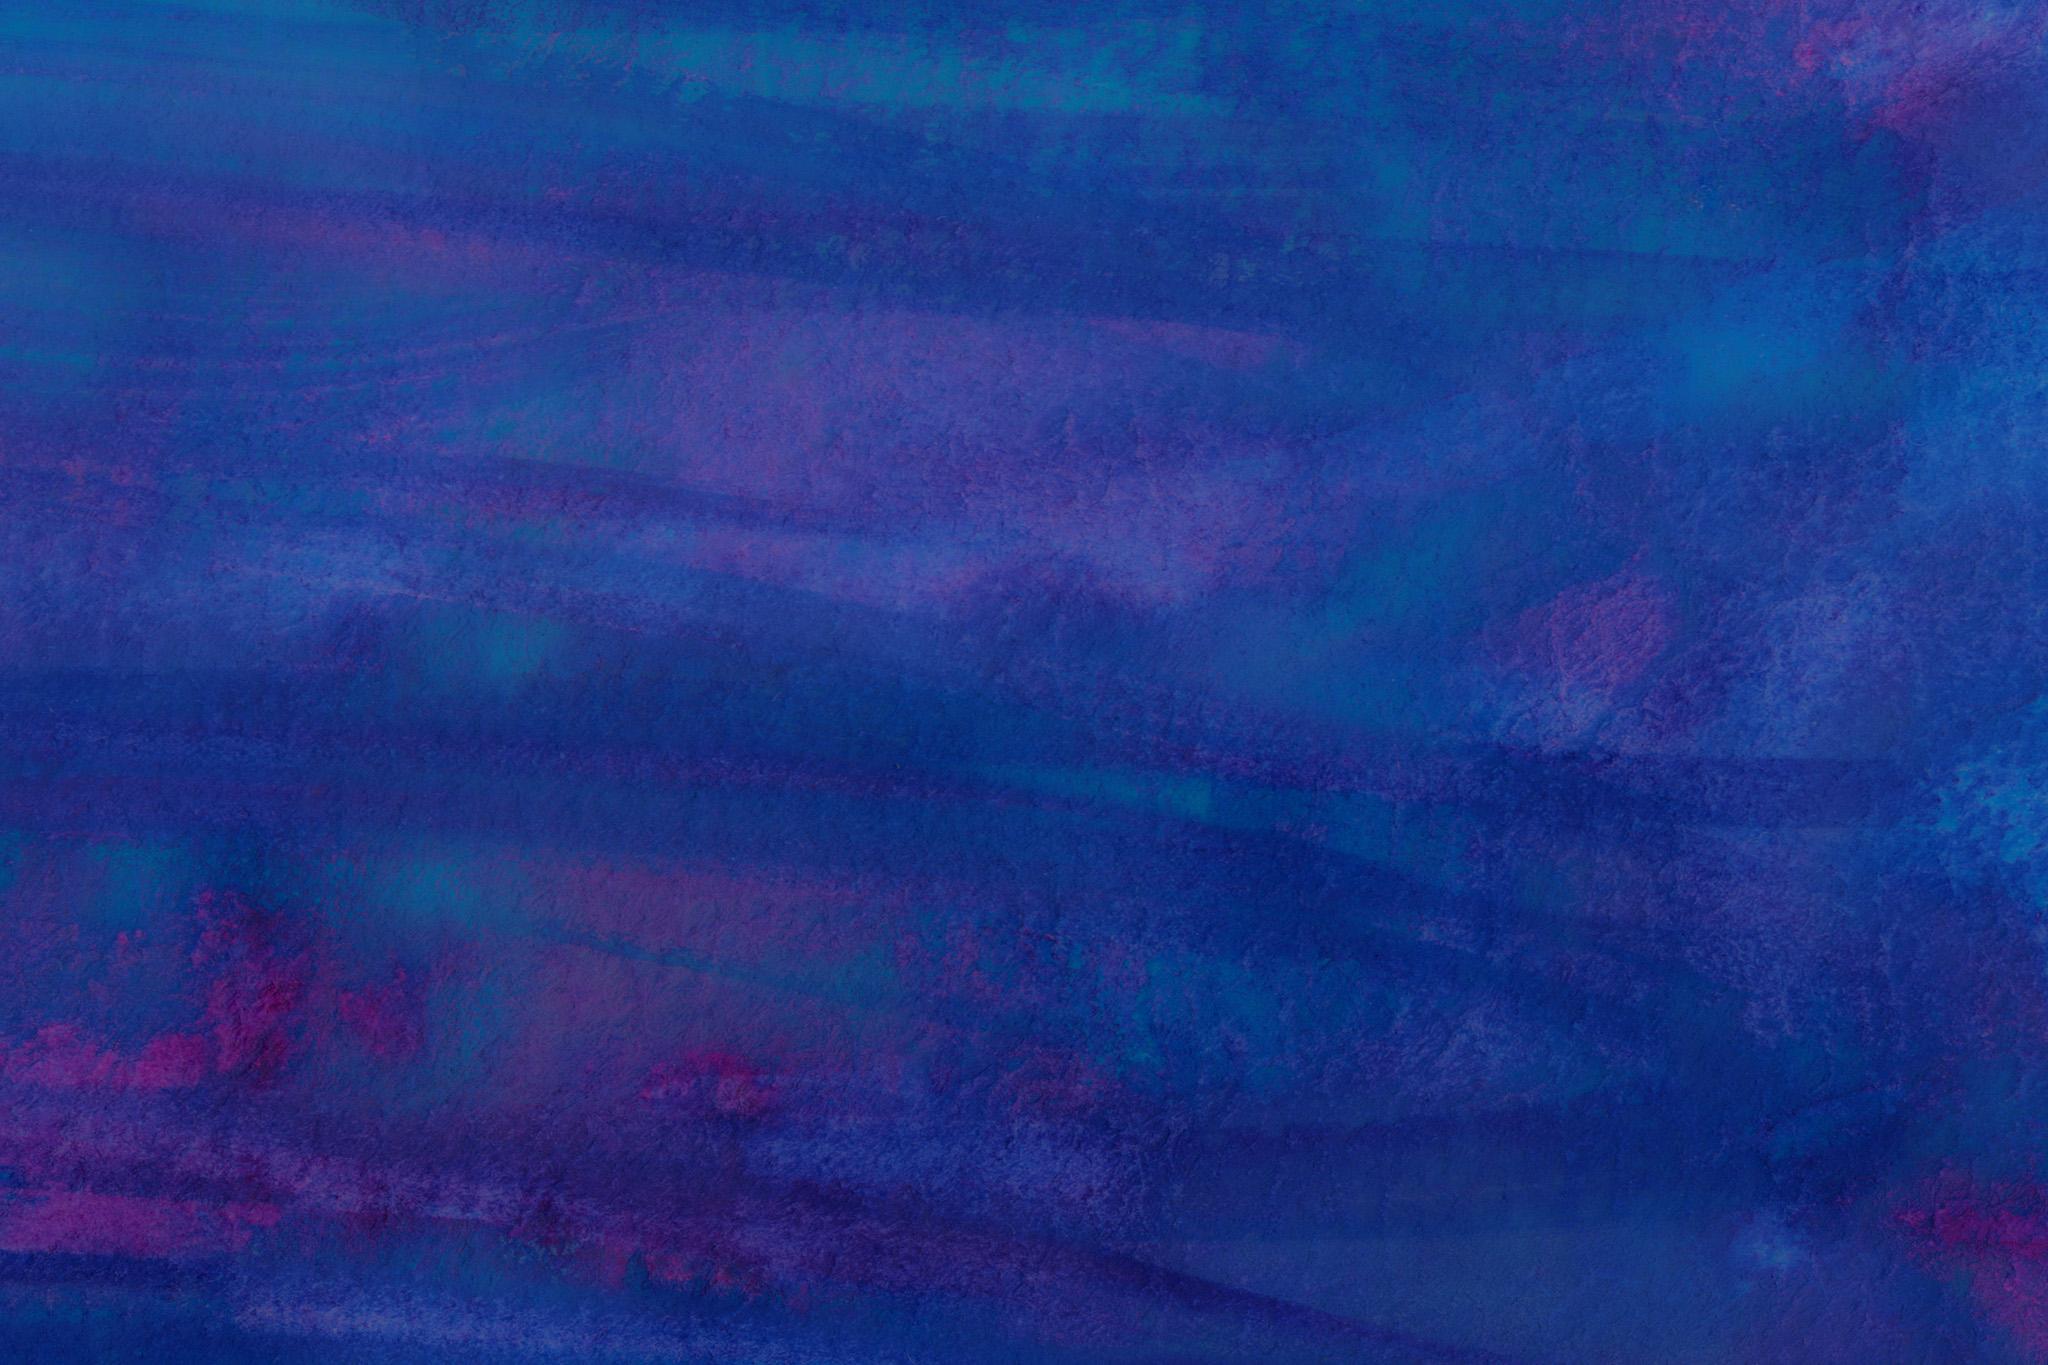 「紺と青紫の水彩筆塗りテクスチャ」